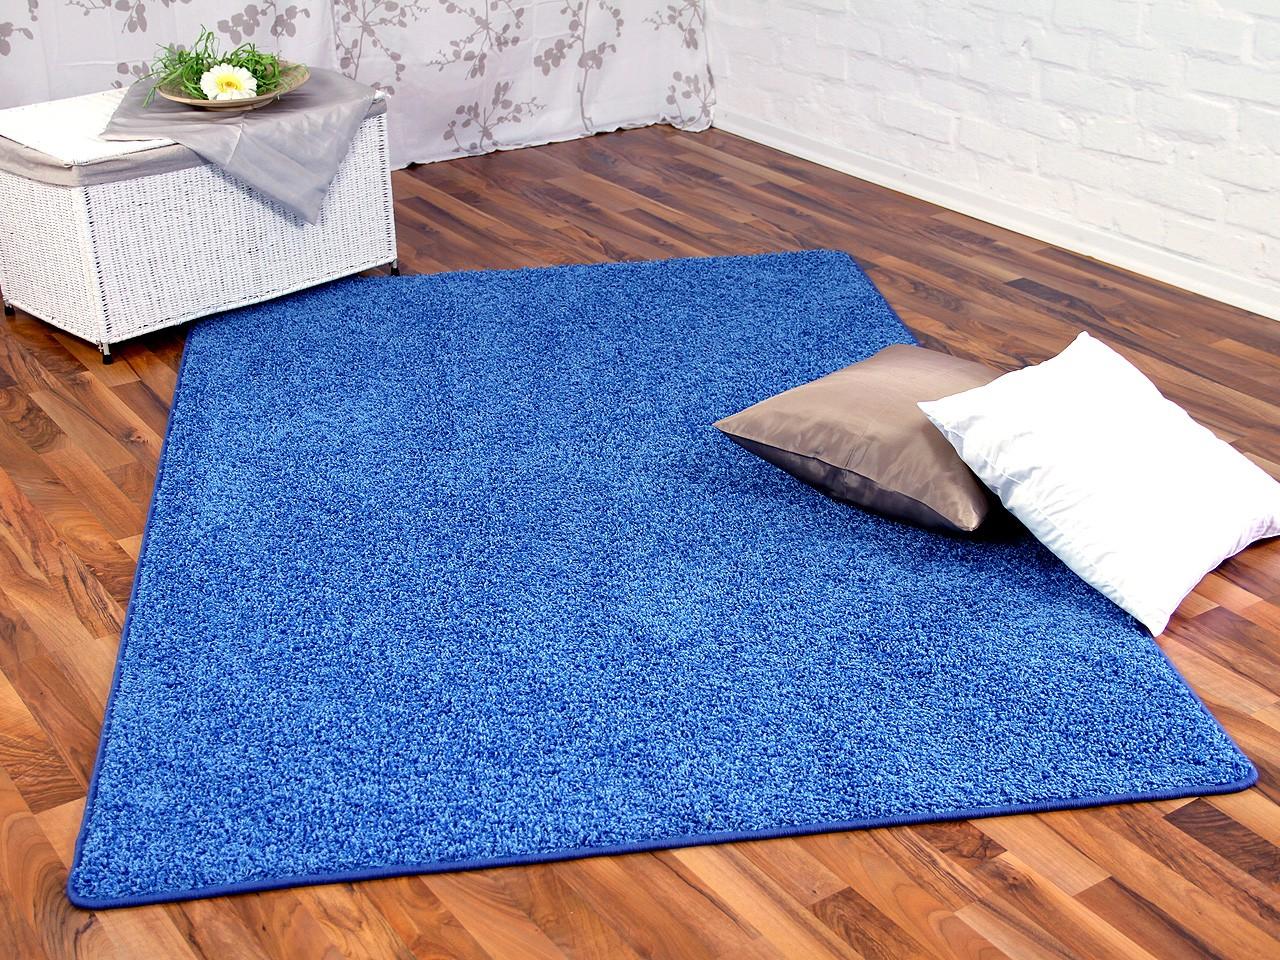 hochflor shaggy teppich prestige blau in 24 gr en. Black Bedroom Furniture Sets. Home Design Ideas